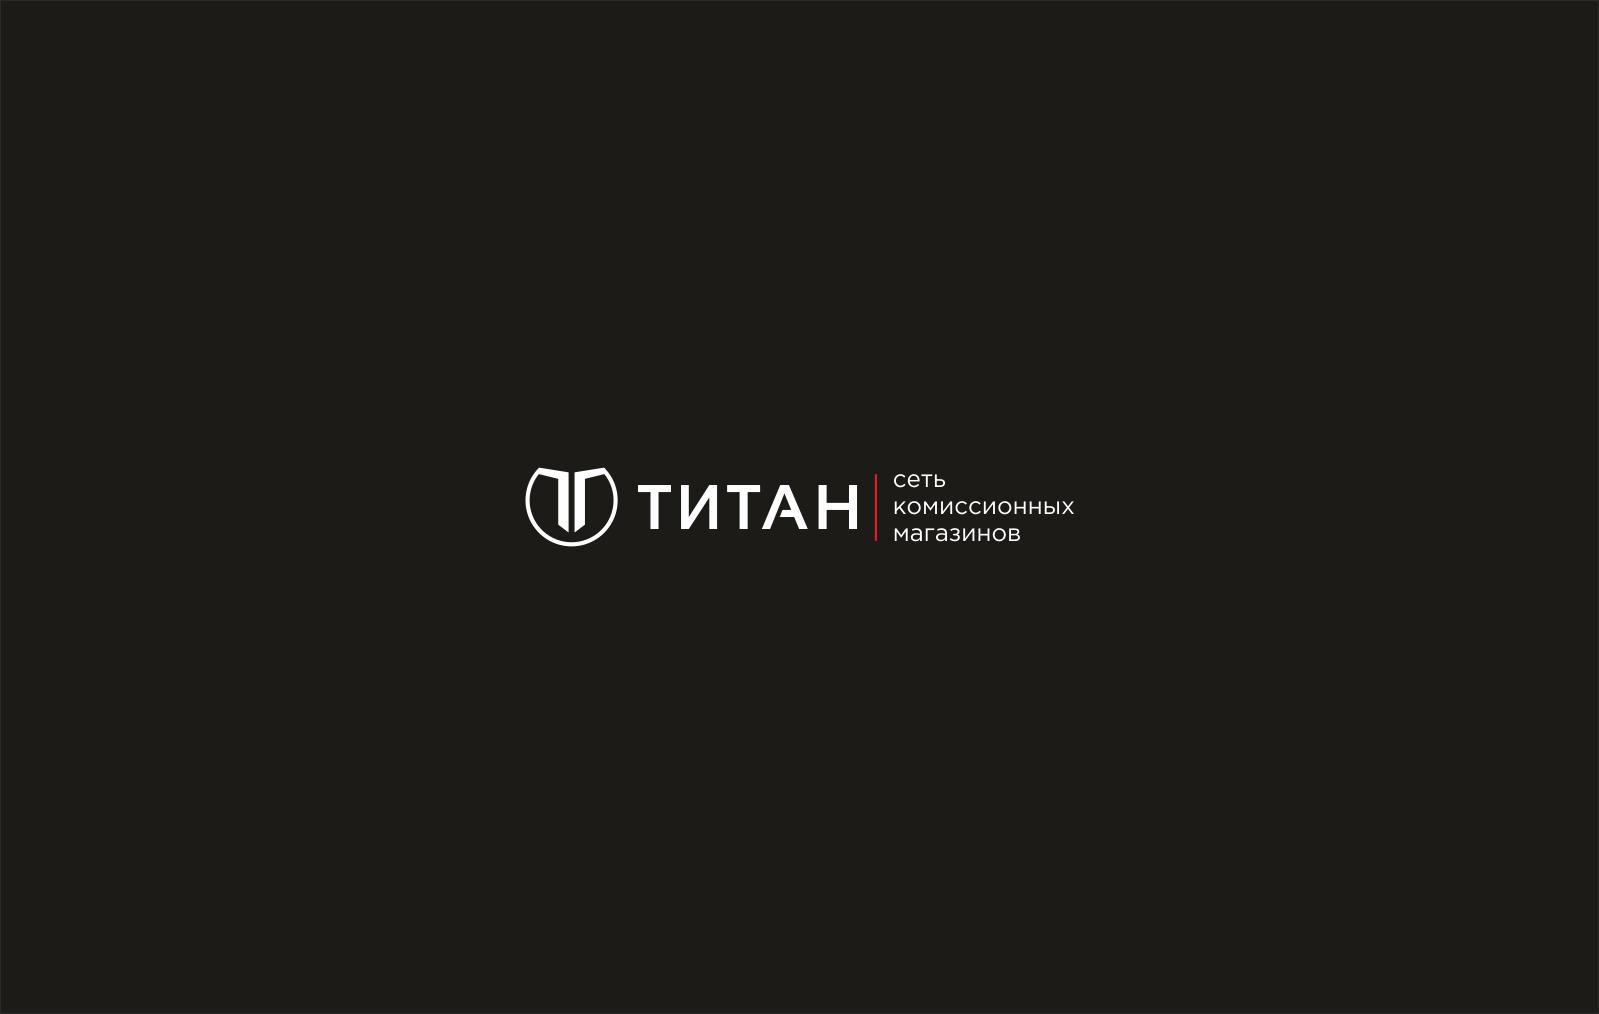 Разработка логотипа (срочно) фото f_9445d4994a785332.png